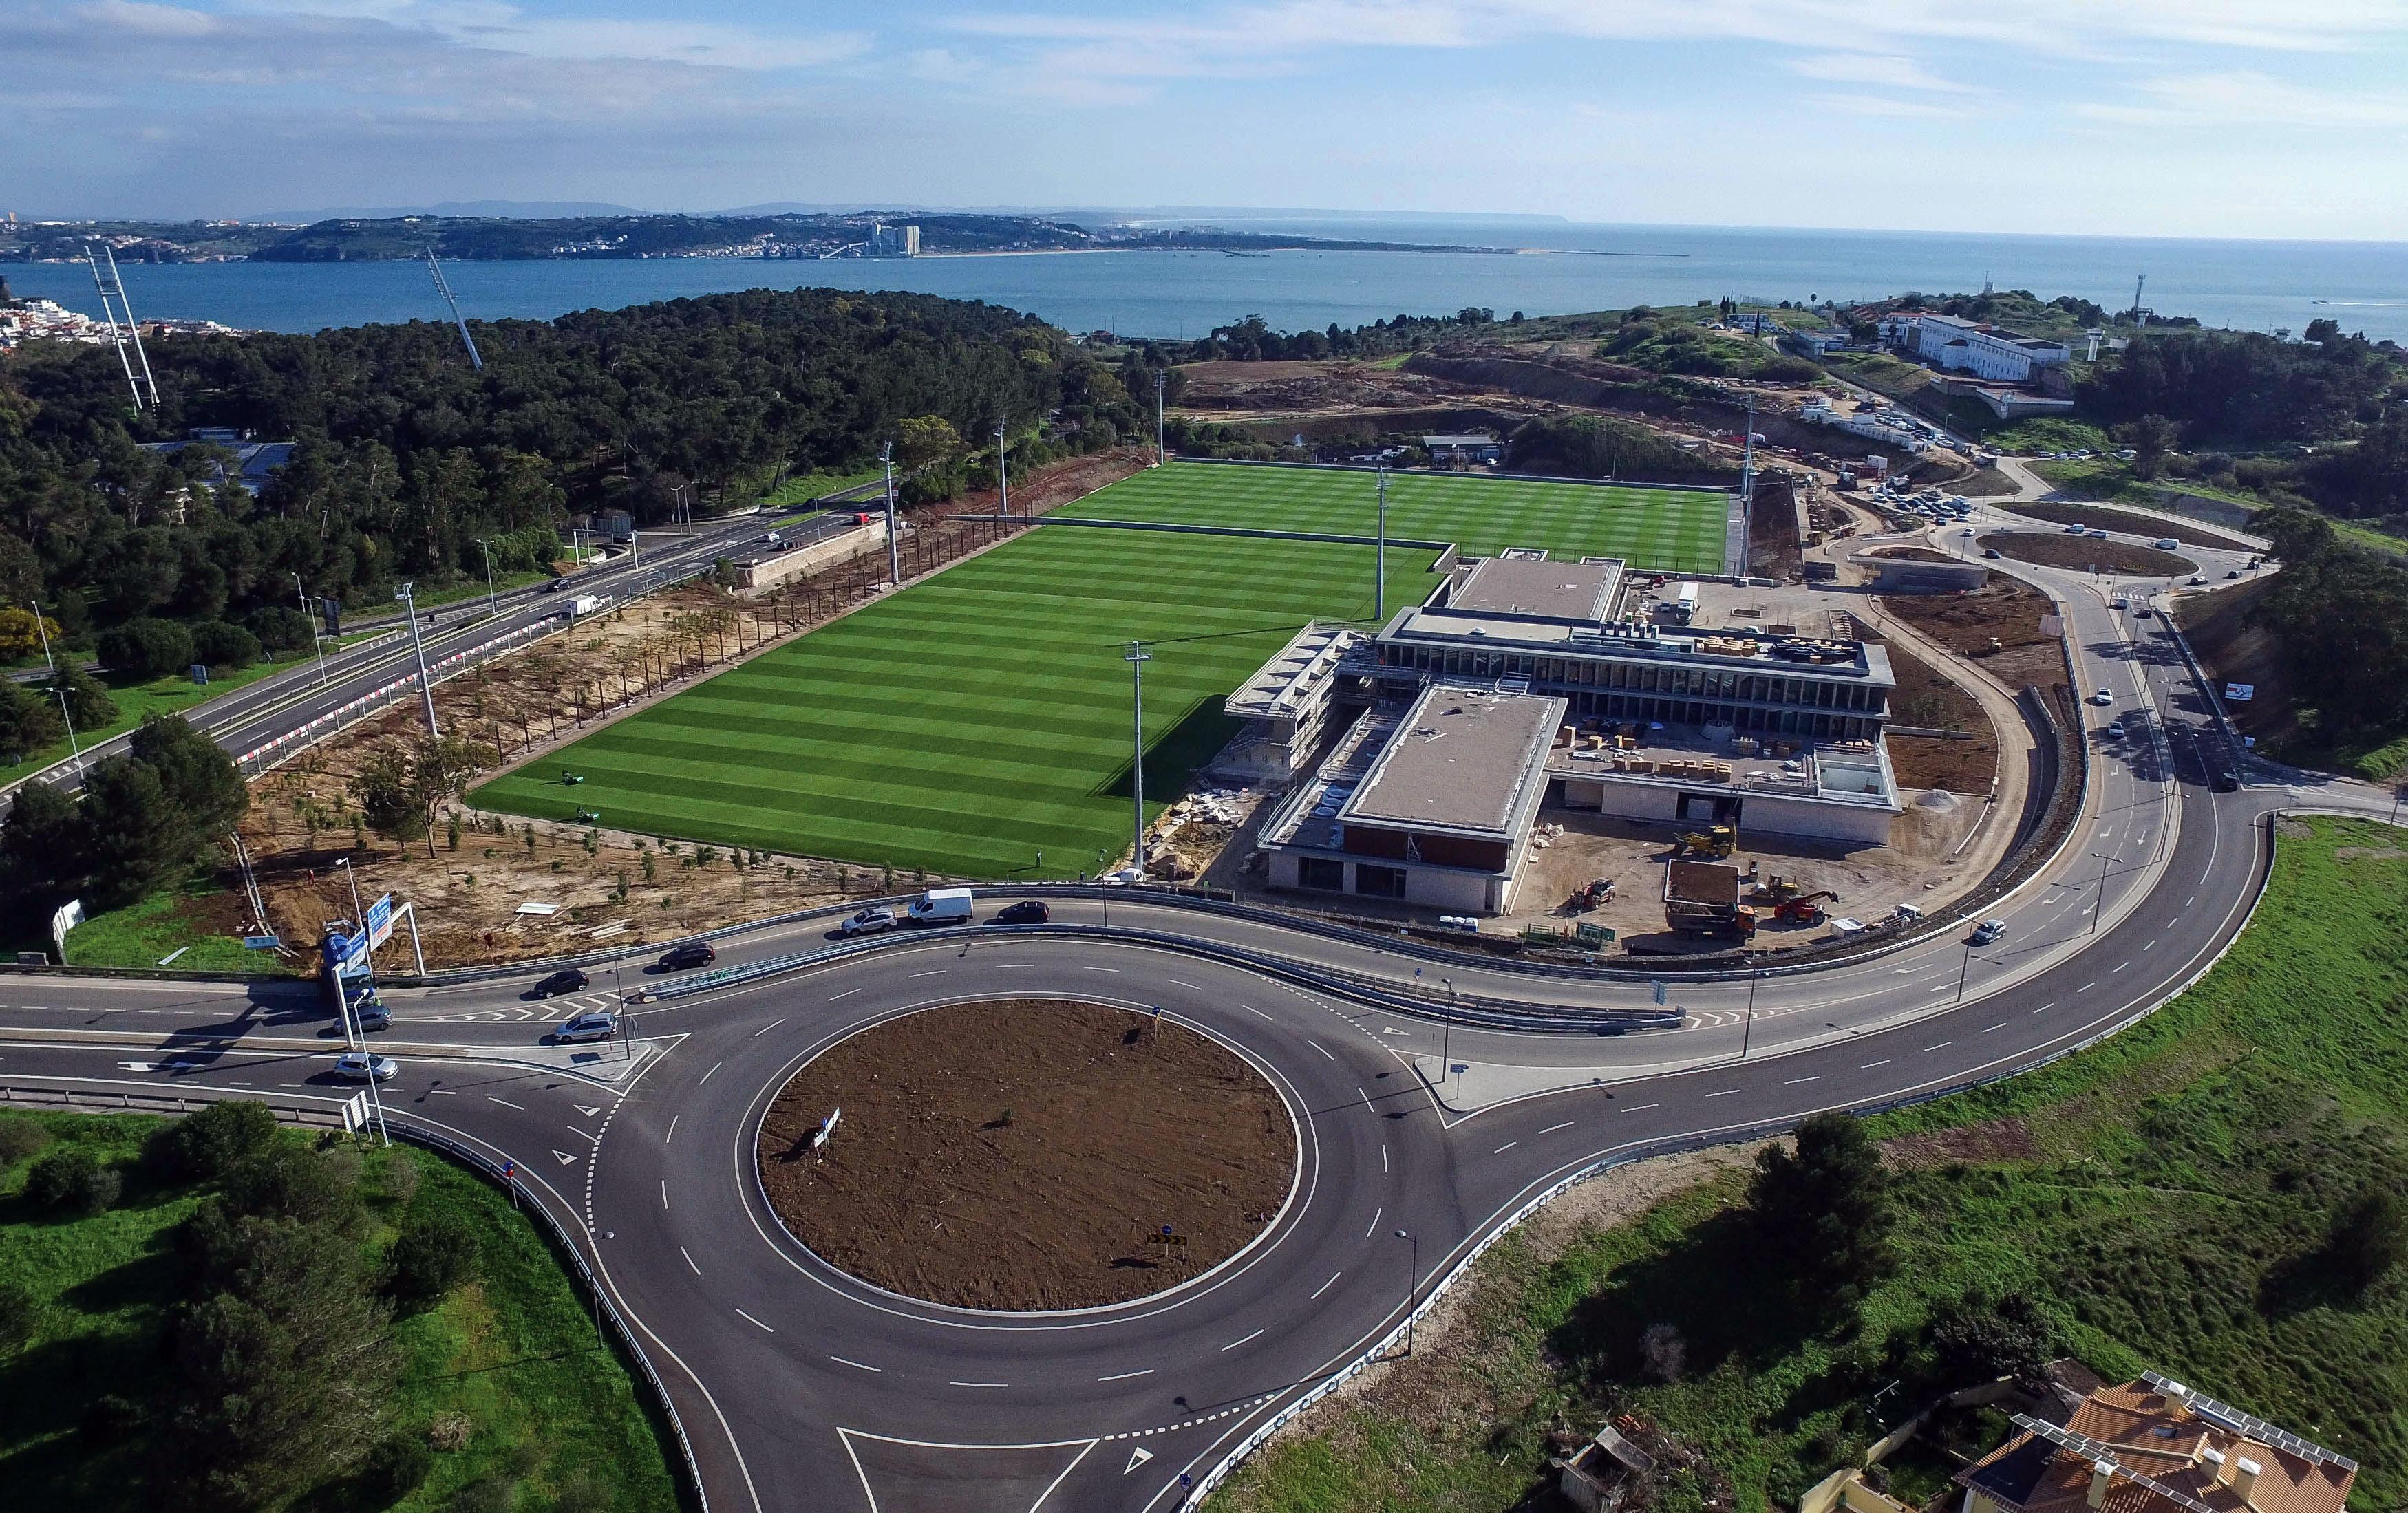 Portugal-Finlândia de sub-17 femininos é o primeiro jogo oficial na Cidade do Futebol